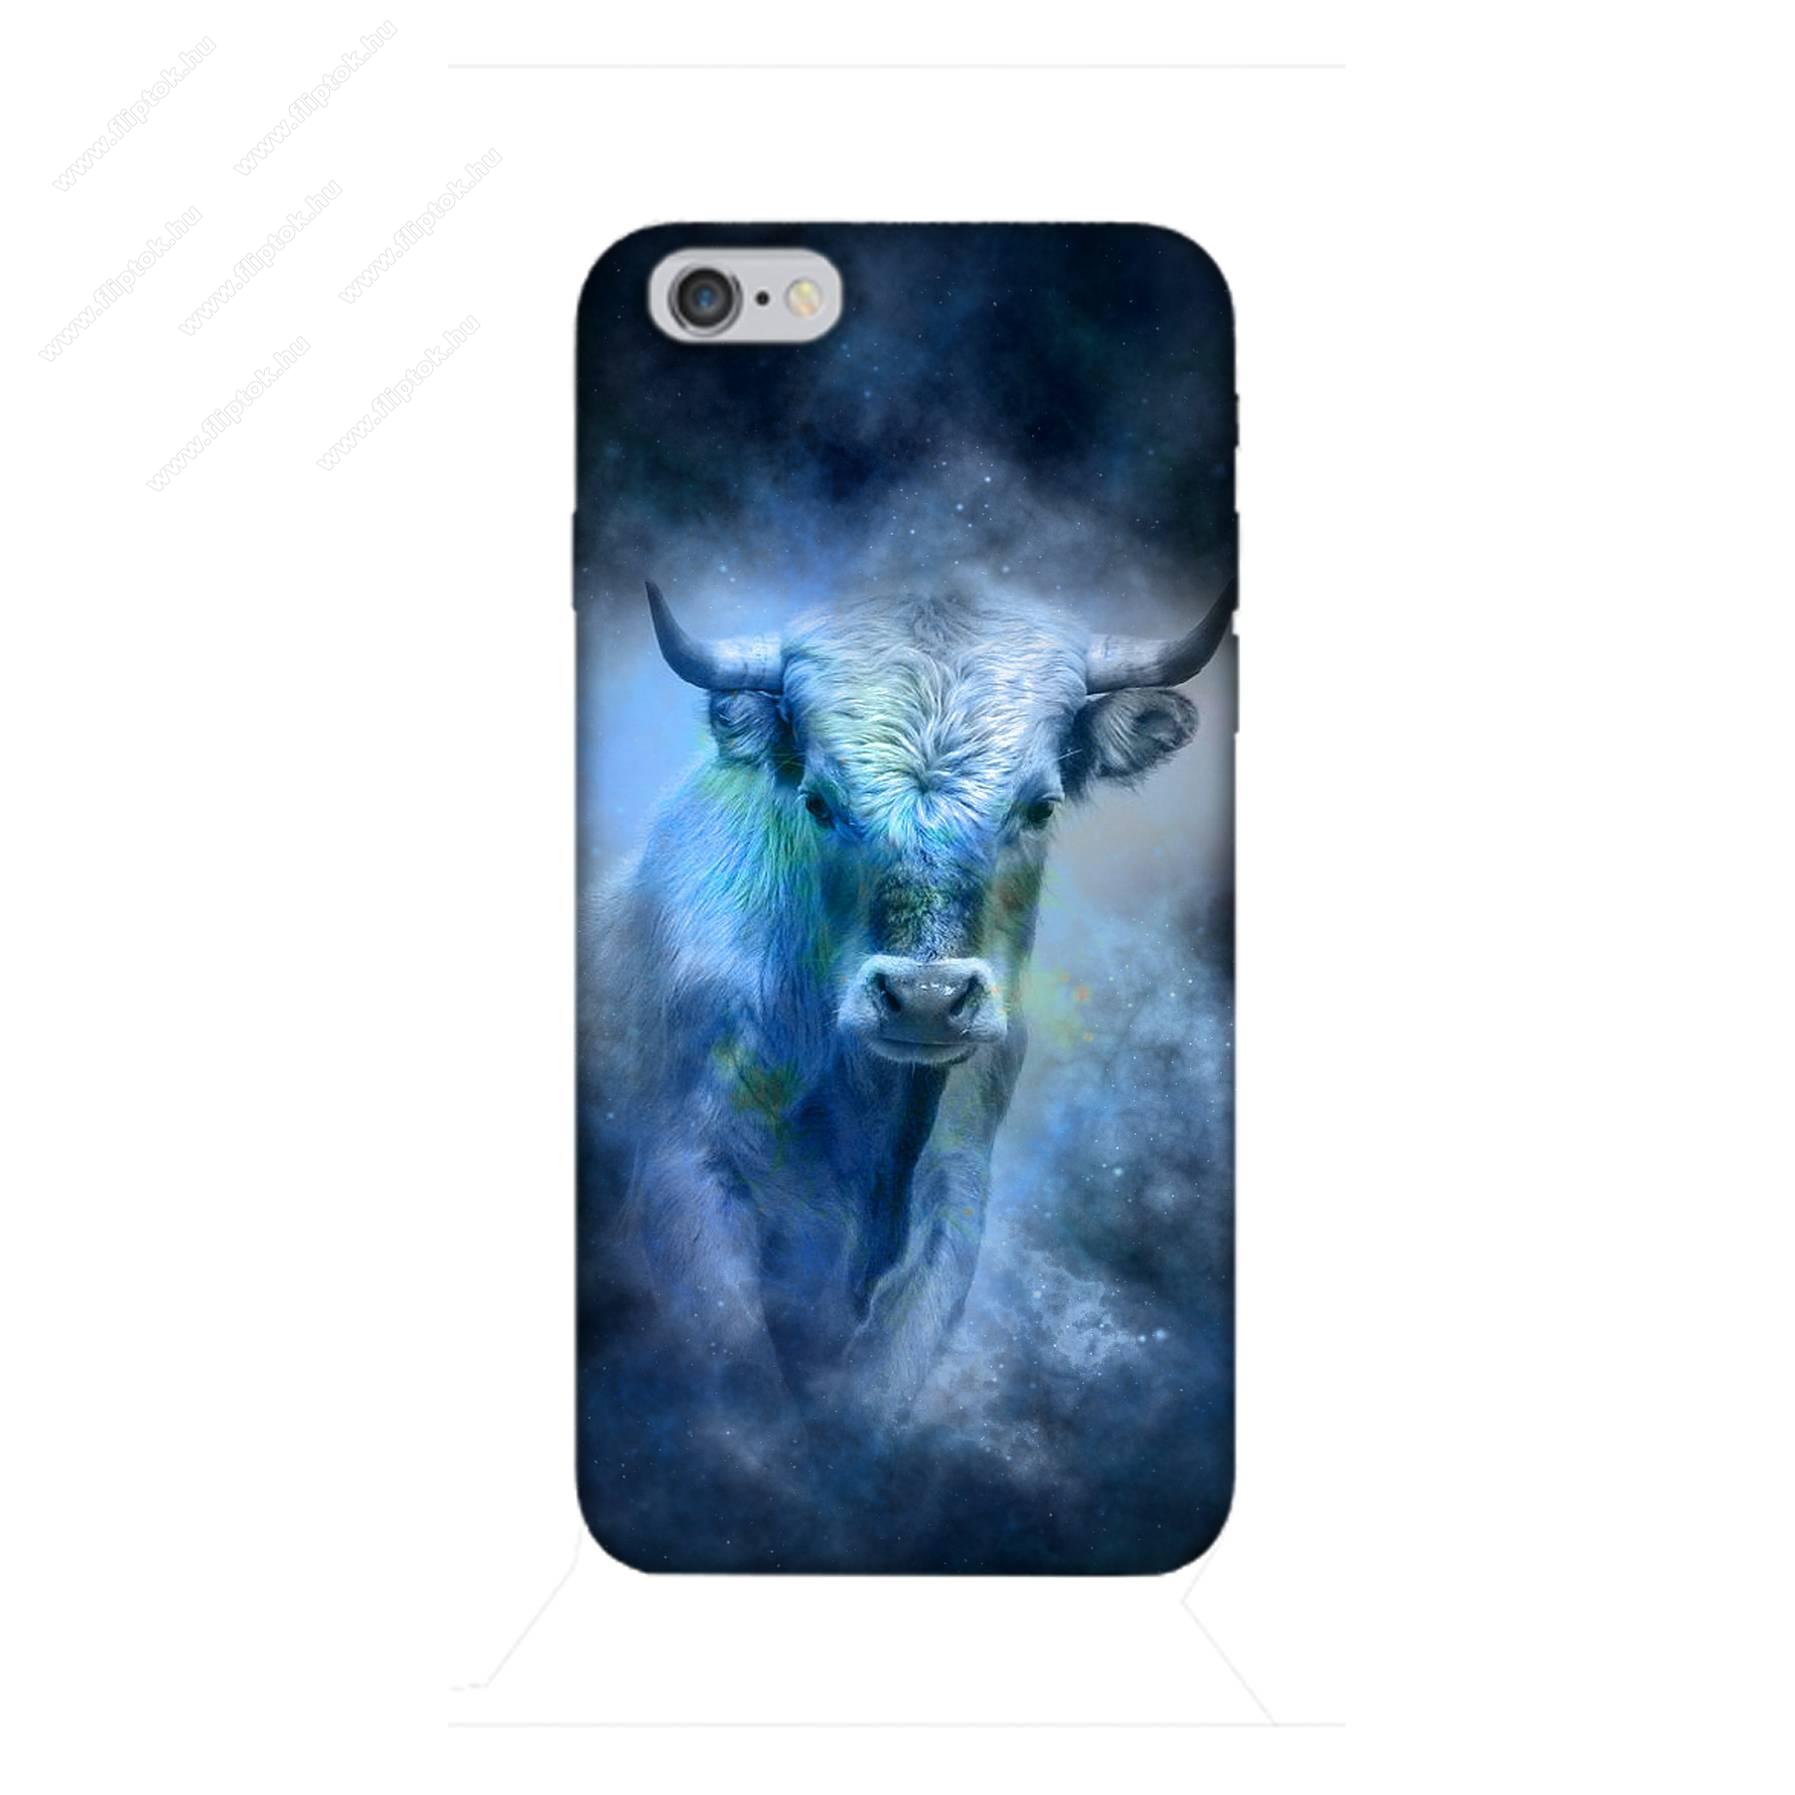 E-pic szilikon védő tok / hátlap - Horoszkóp, Bika mintás - APPLE iPhone 6 / APPLE iPhone 6s